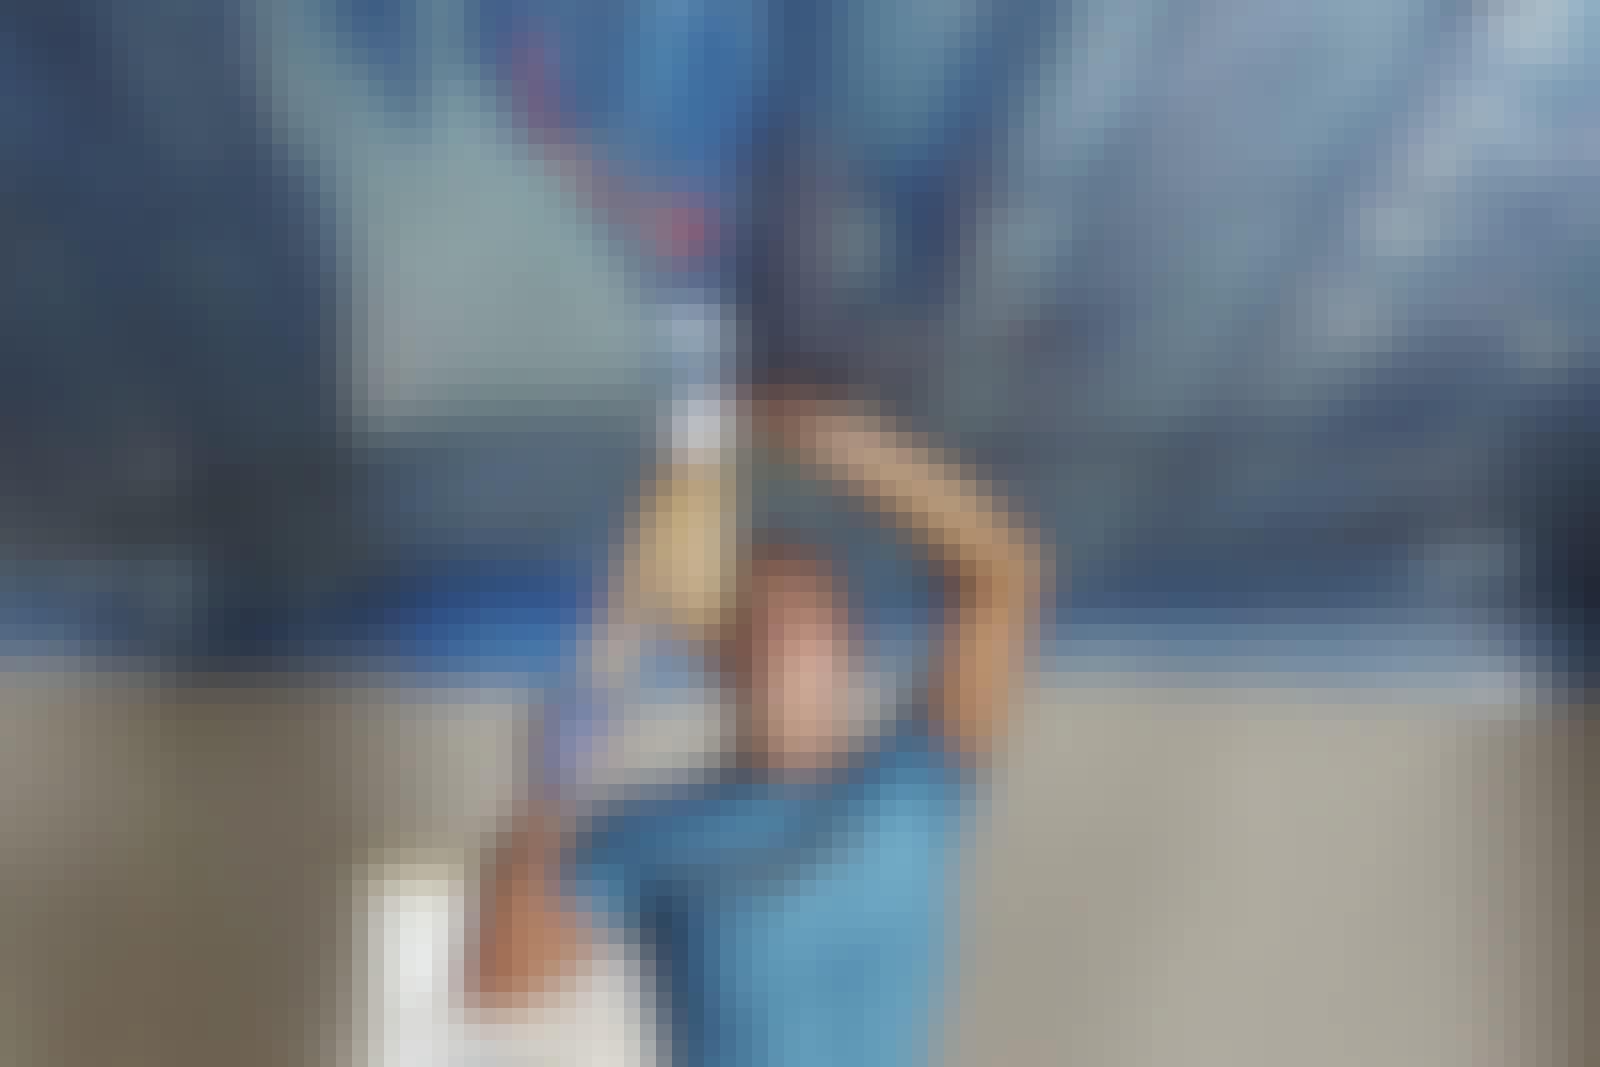 Dampspærre: Brug dampspærretape til at tætne dampspærren